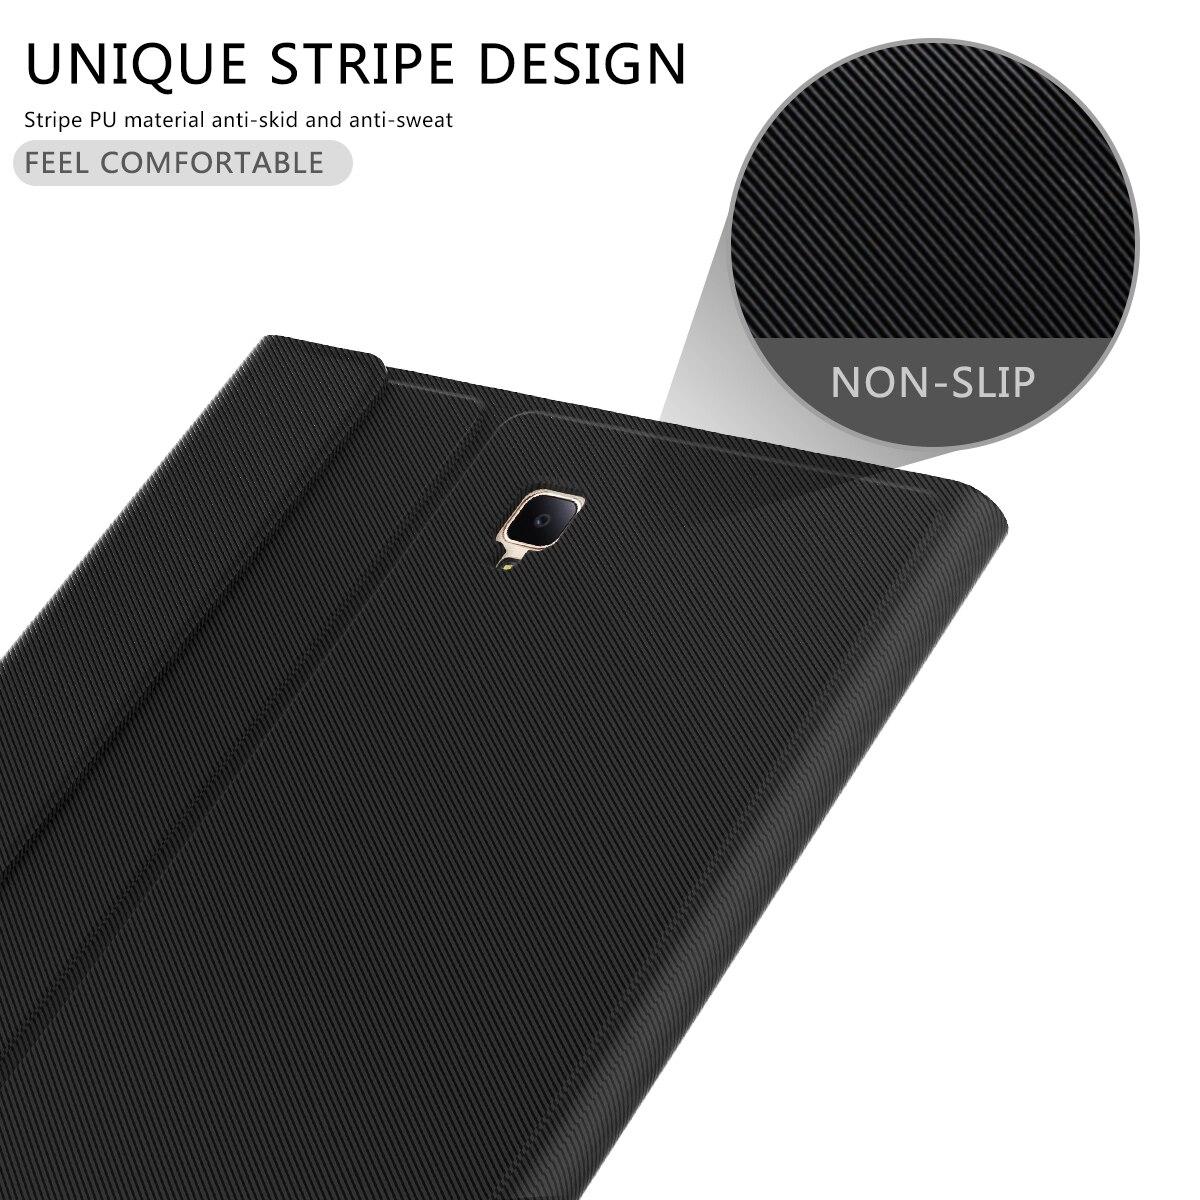 תאורה אחורית מקלדת עם תאורה אחורית Bluetooth איטלקית עבור Samsung Galaxy Tab 10.5 A2 T595 T590 להפרדה Tablet נרתיק עור ייחודי פס עיצוב (2)